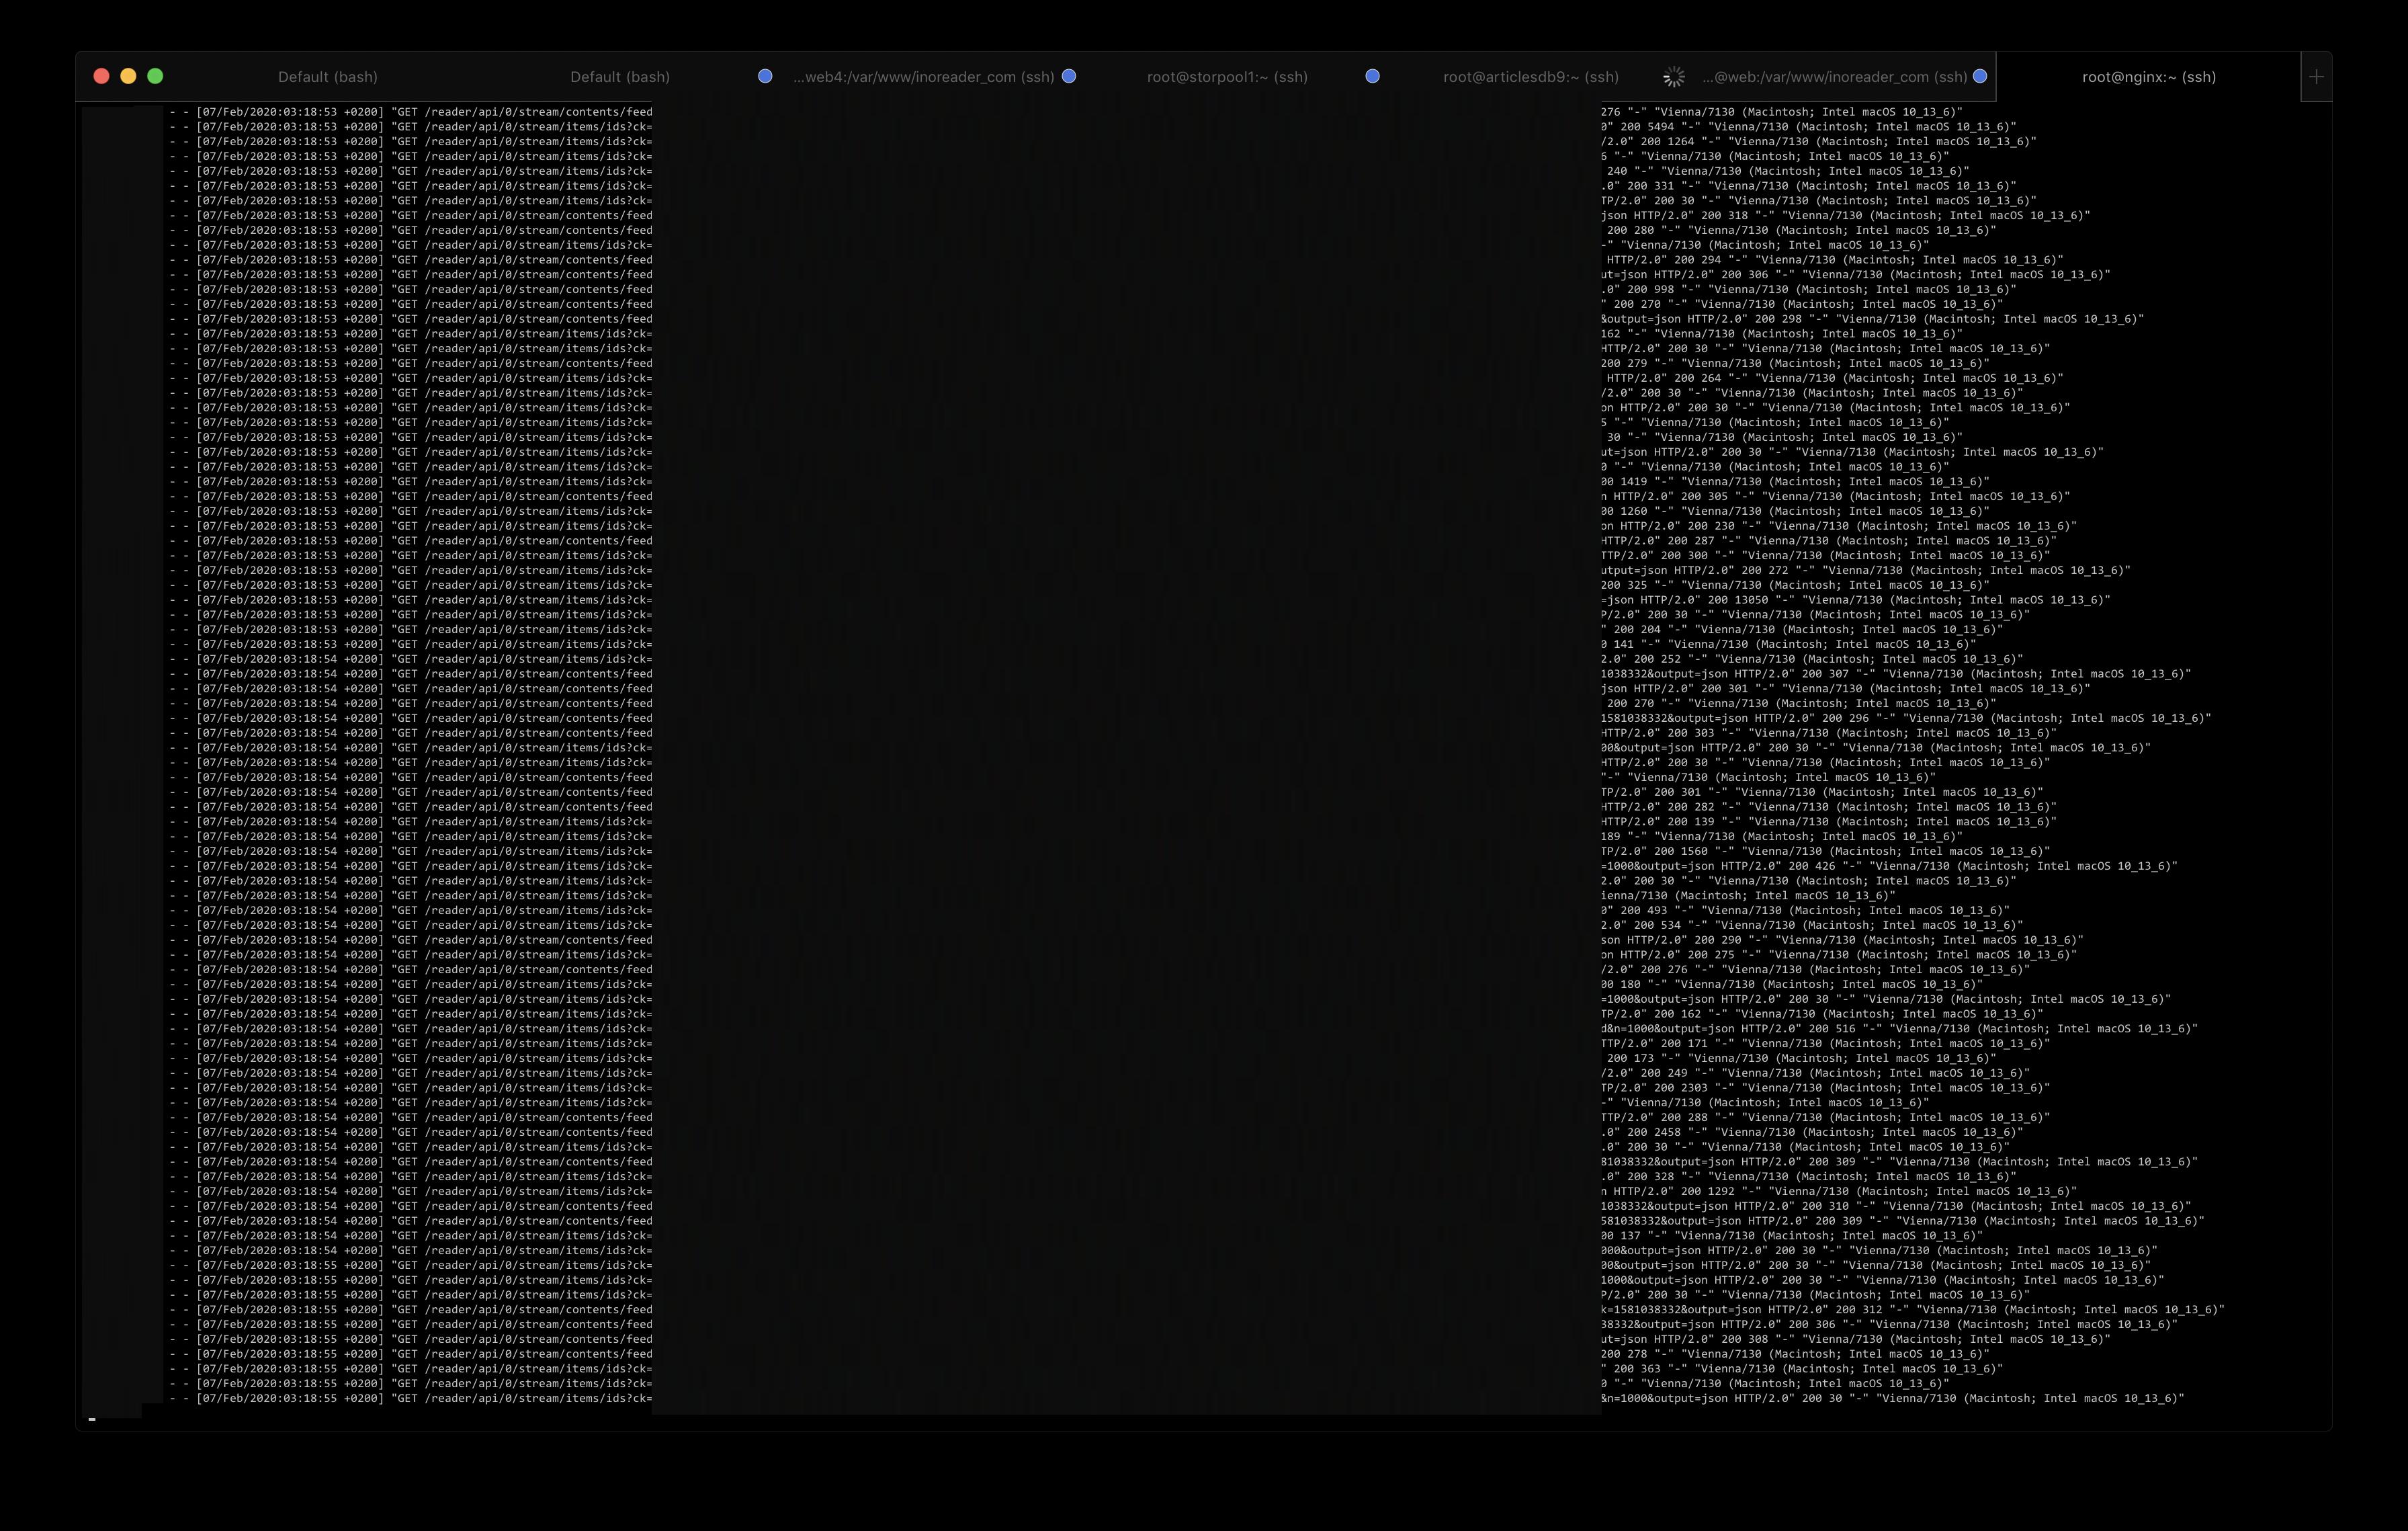 Screenshot 2020-02-07 at 20 47 55